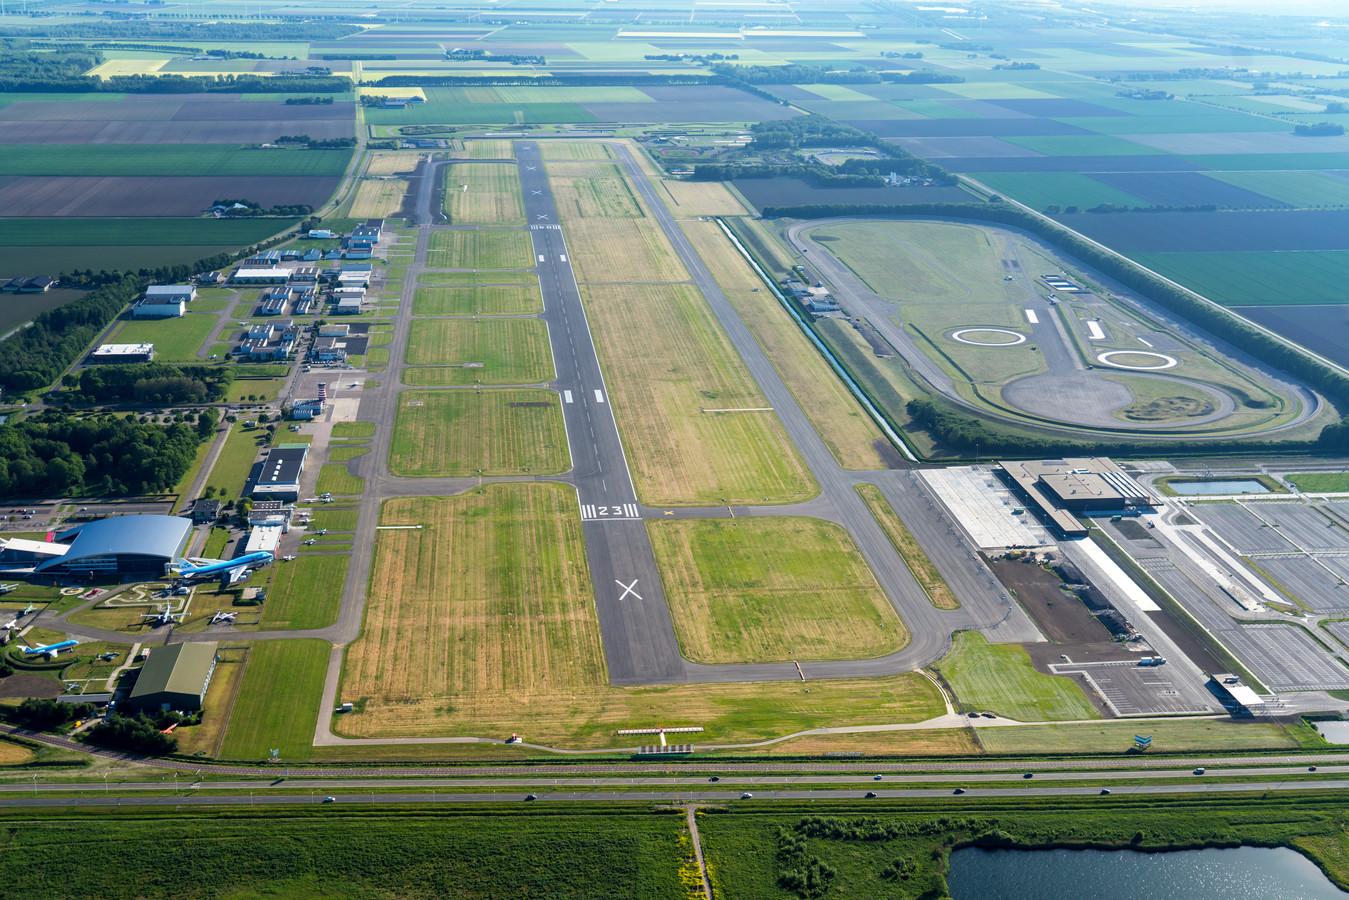 Luchtfoto met in het midden de verlengde start- en landingsbaan en rechts de nieuwe passagiersterminal.